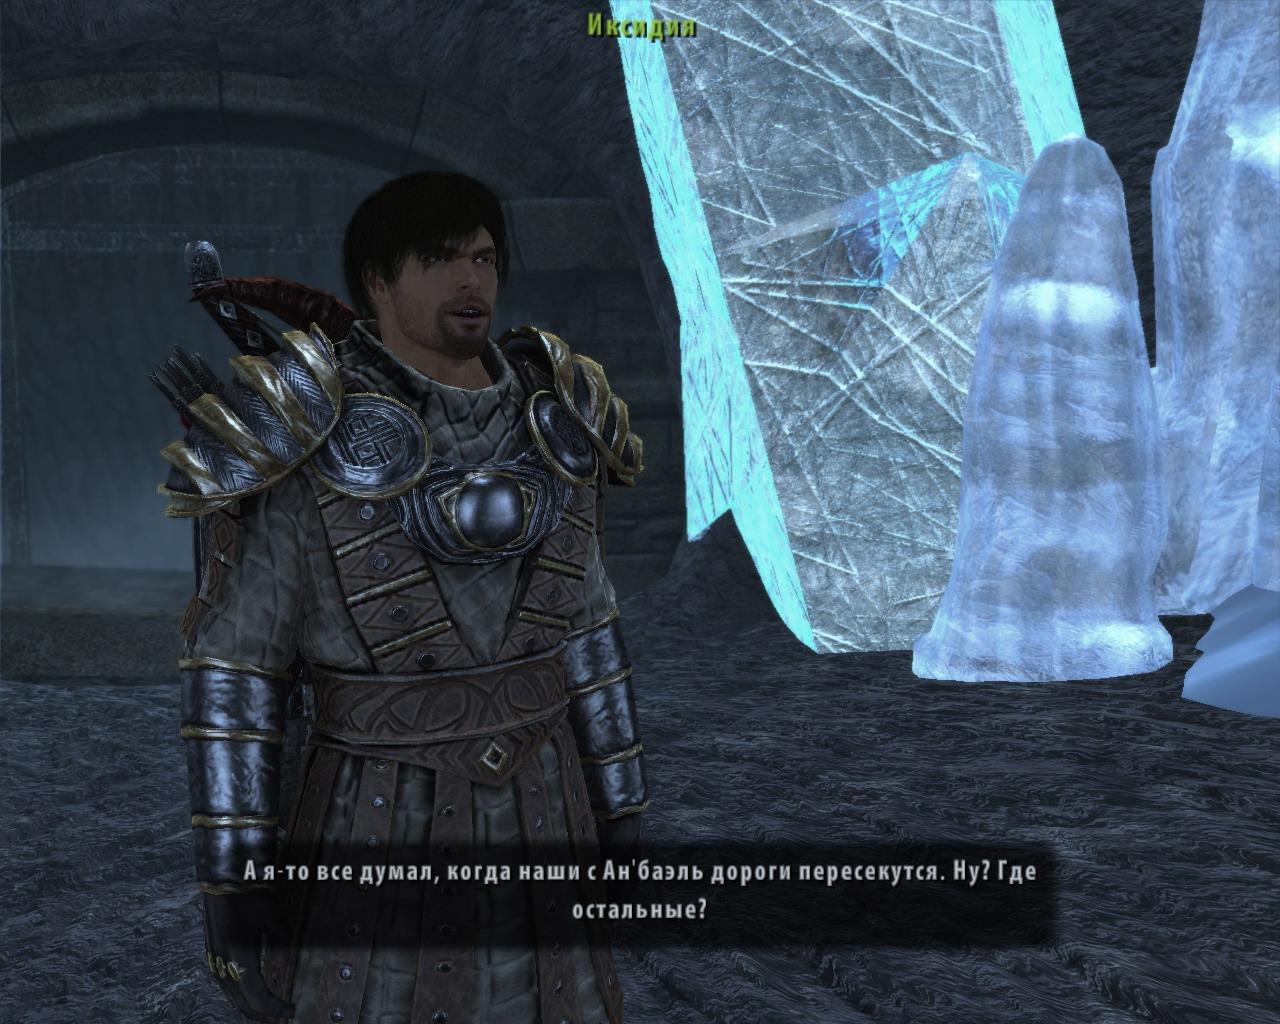 Скриншоты из полной версии Arcania: Gothic 4